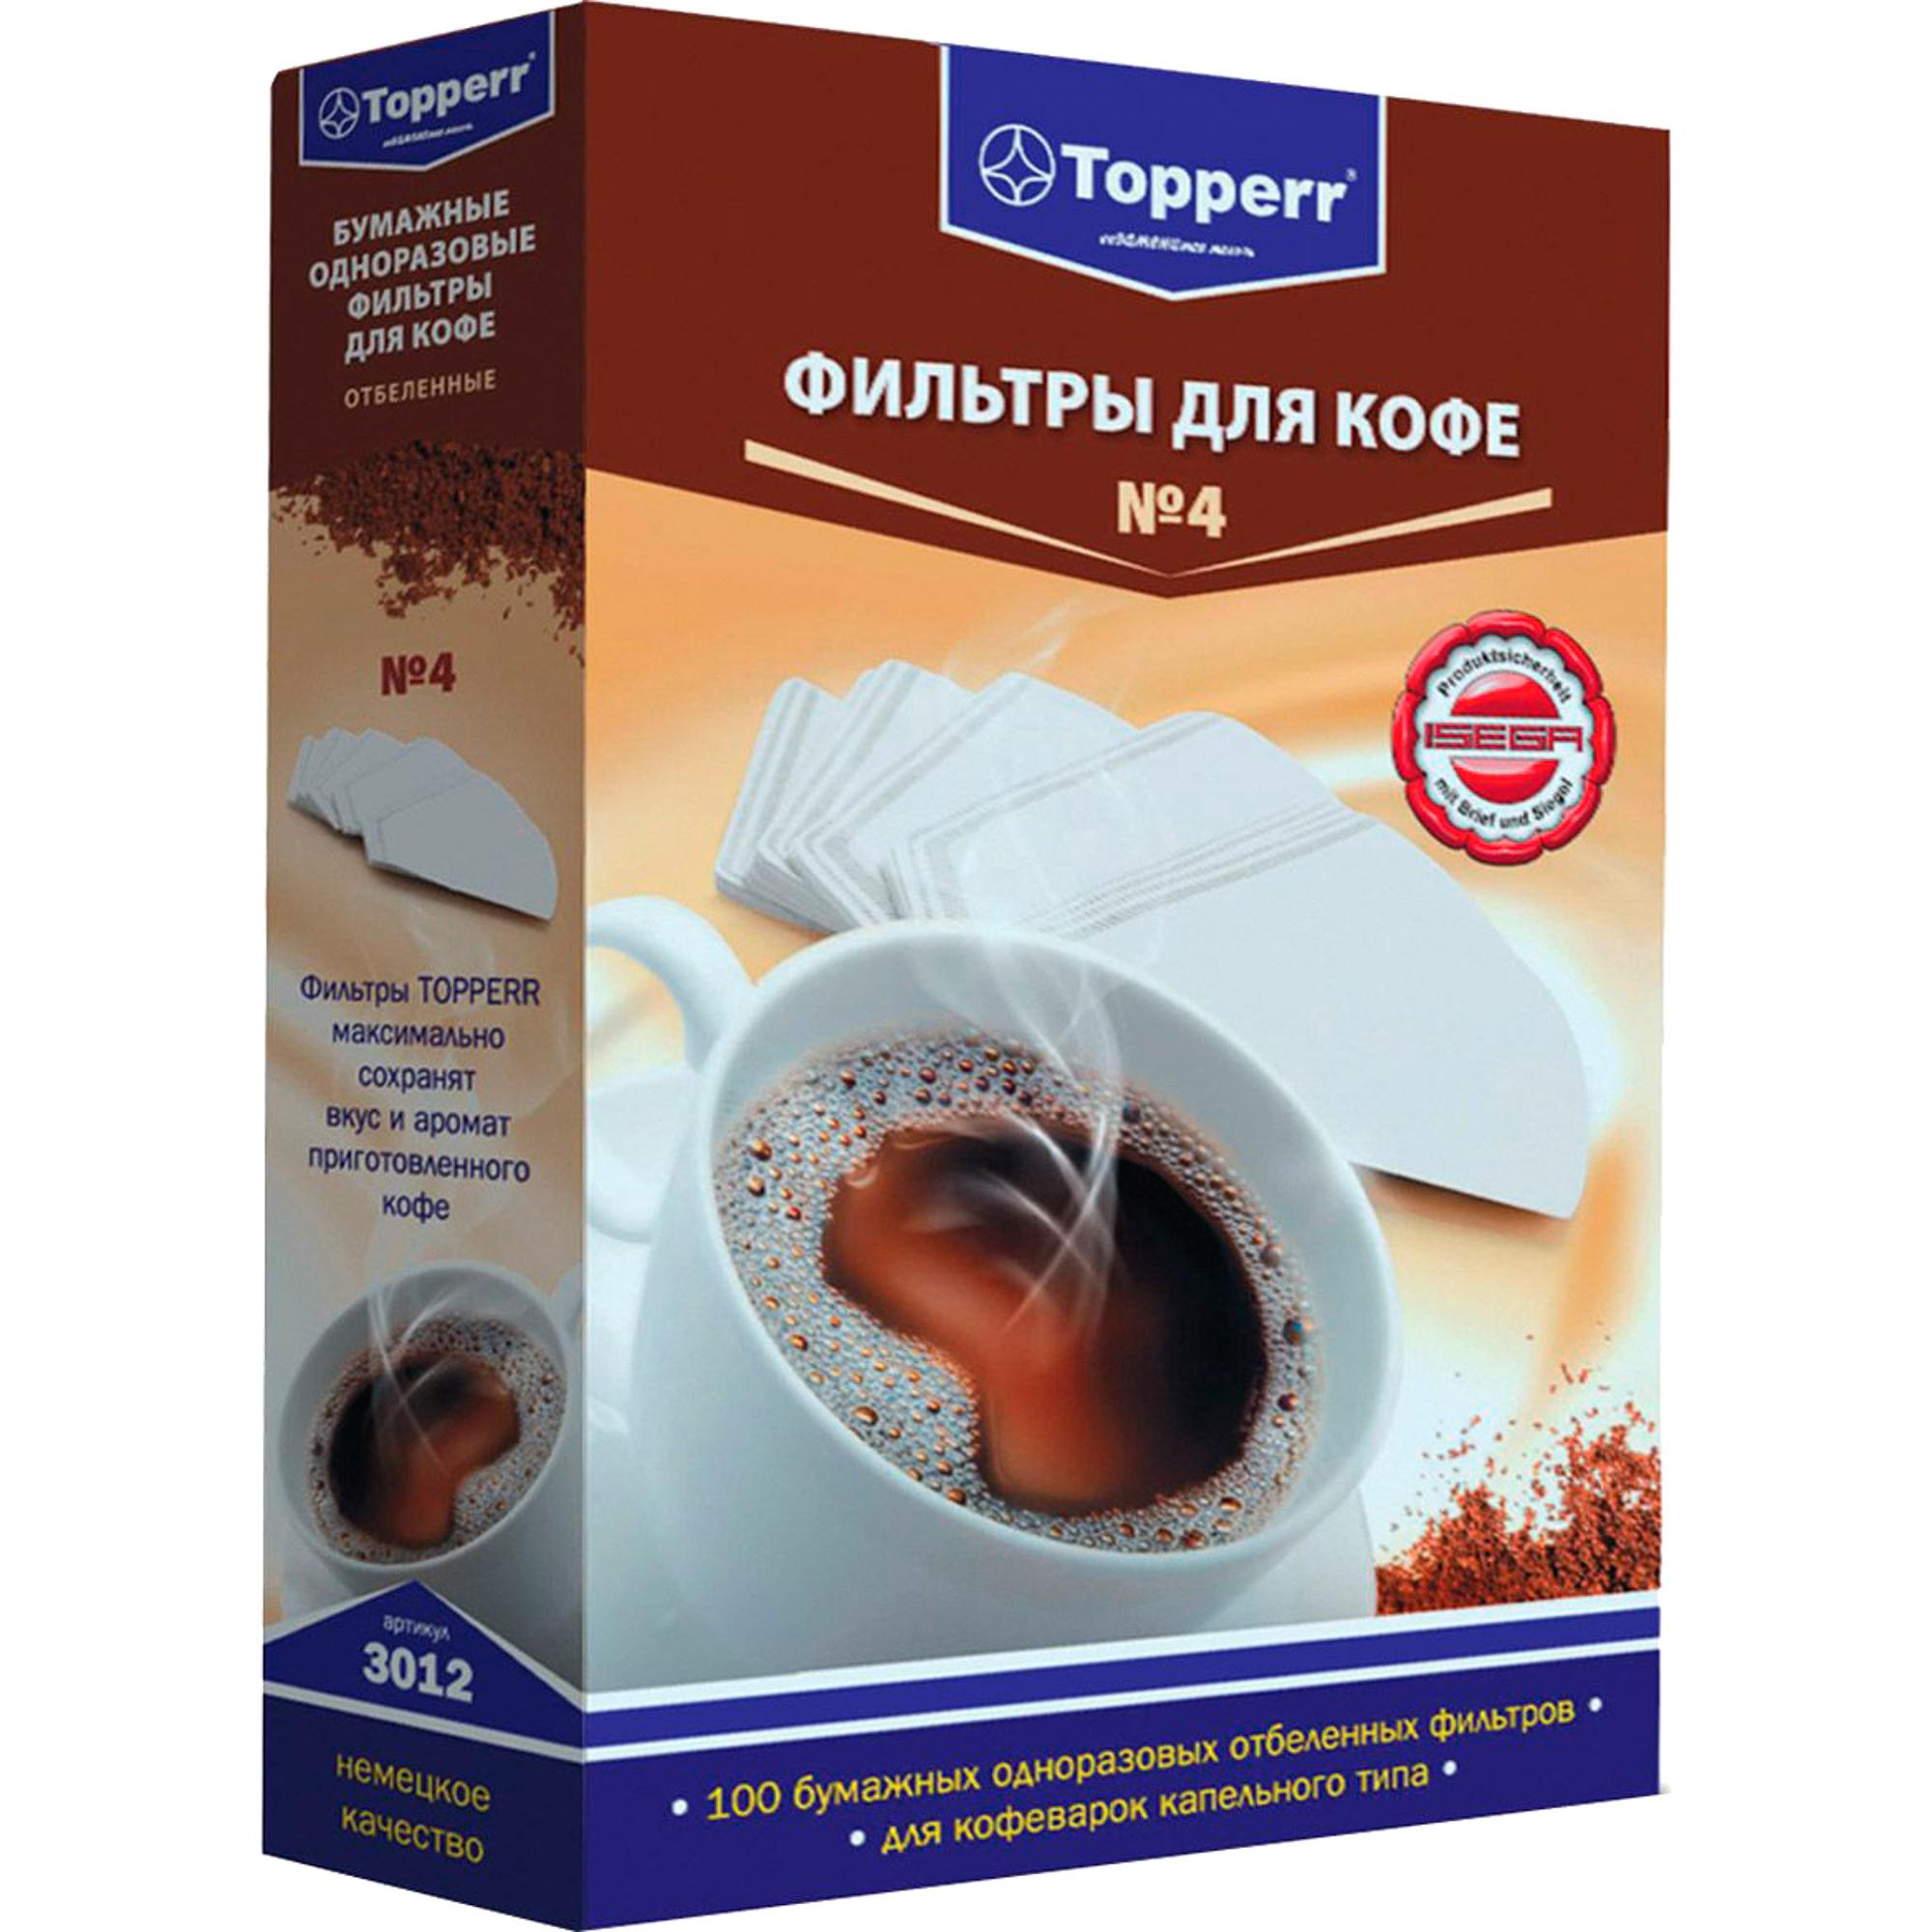 Одноразовые фильтры для кофе Topperr 3012 №4 отбеленные